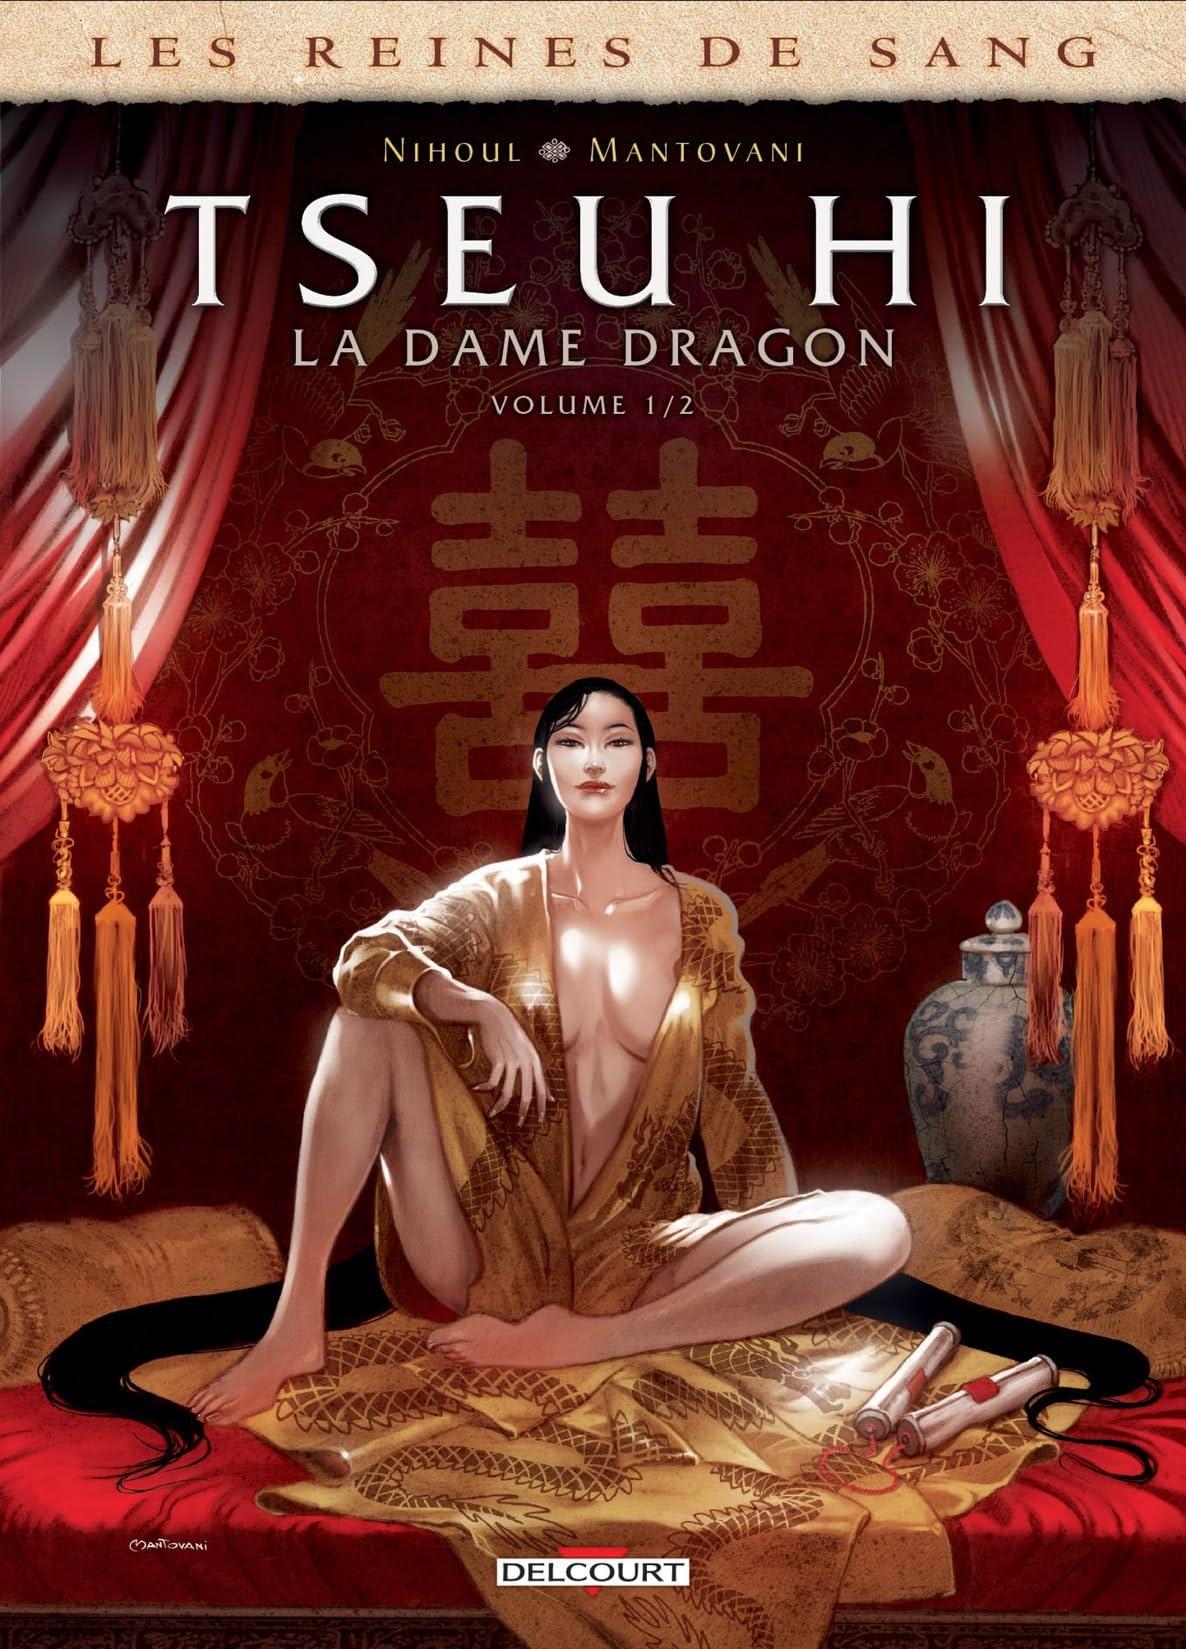 Les Reines de sang - Tseu Hi, La Dame dragon Vol. 1